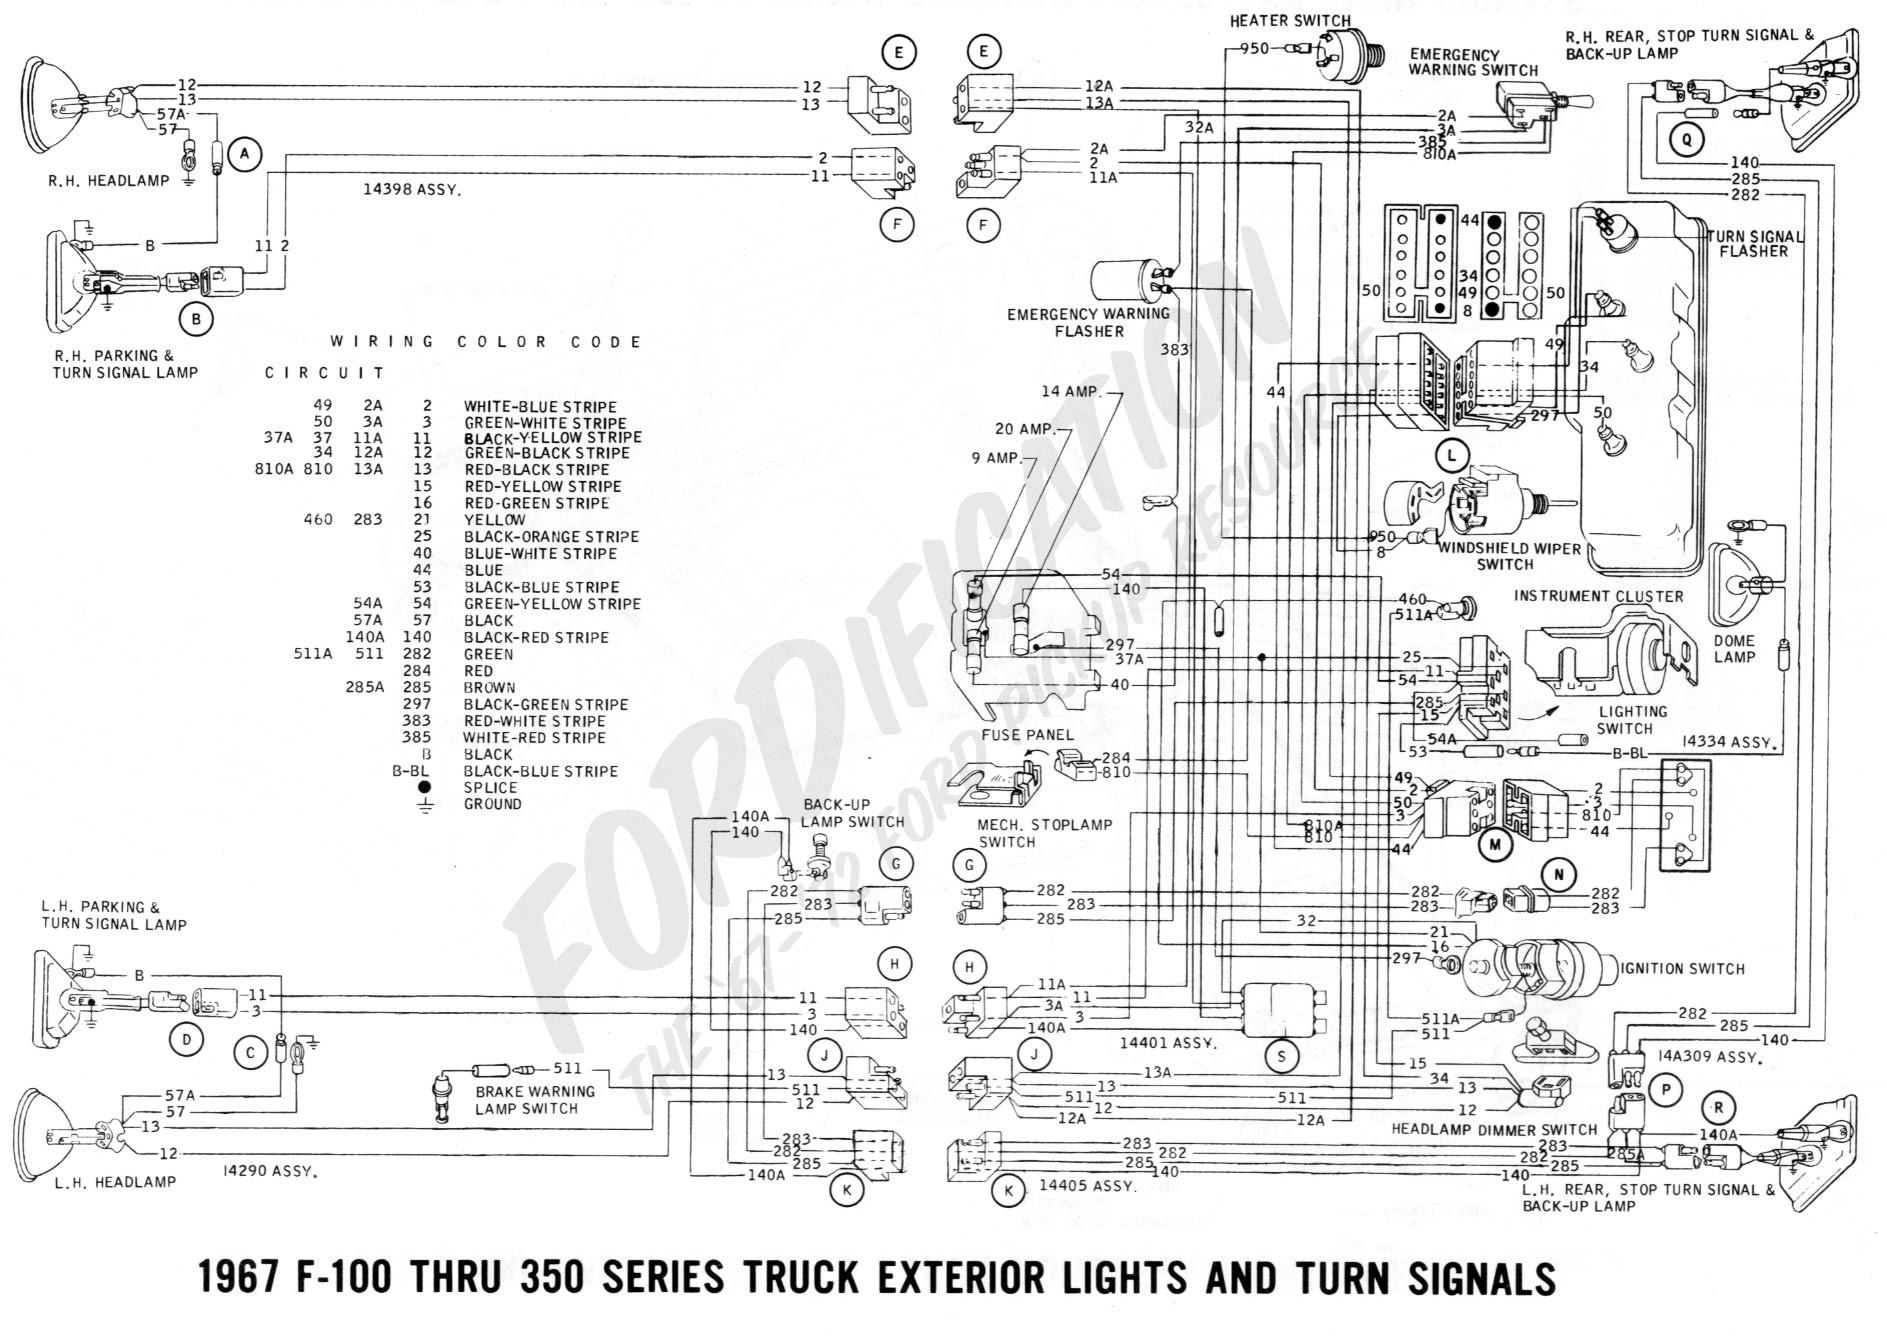 2000 ford F150 Wiring Diagram 1965 ford F100 Alternator Wiring Diagram Wiring Diagram Of 2000 ford F150 Wiring Diagram